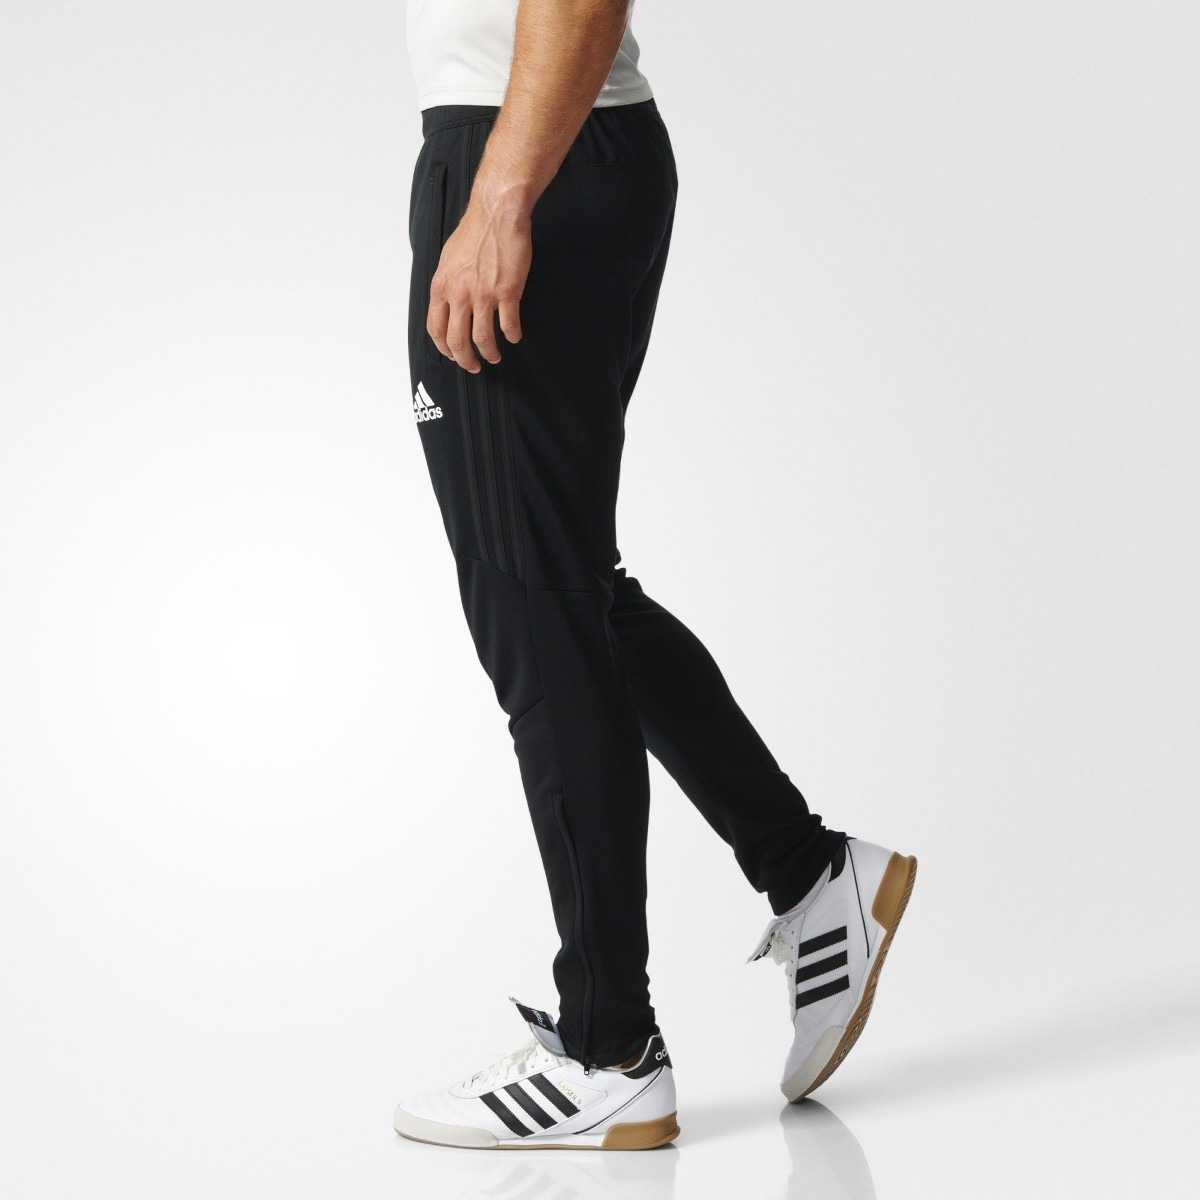 14f5a9f209b2e Cargando zoom... pants adidas tiro 17 skinny de hombre nuevos 100%  originales